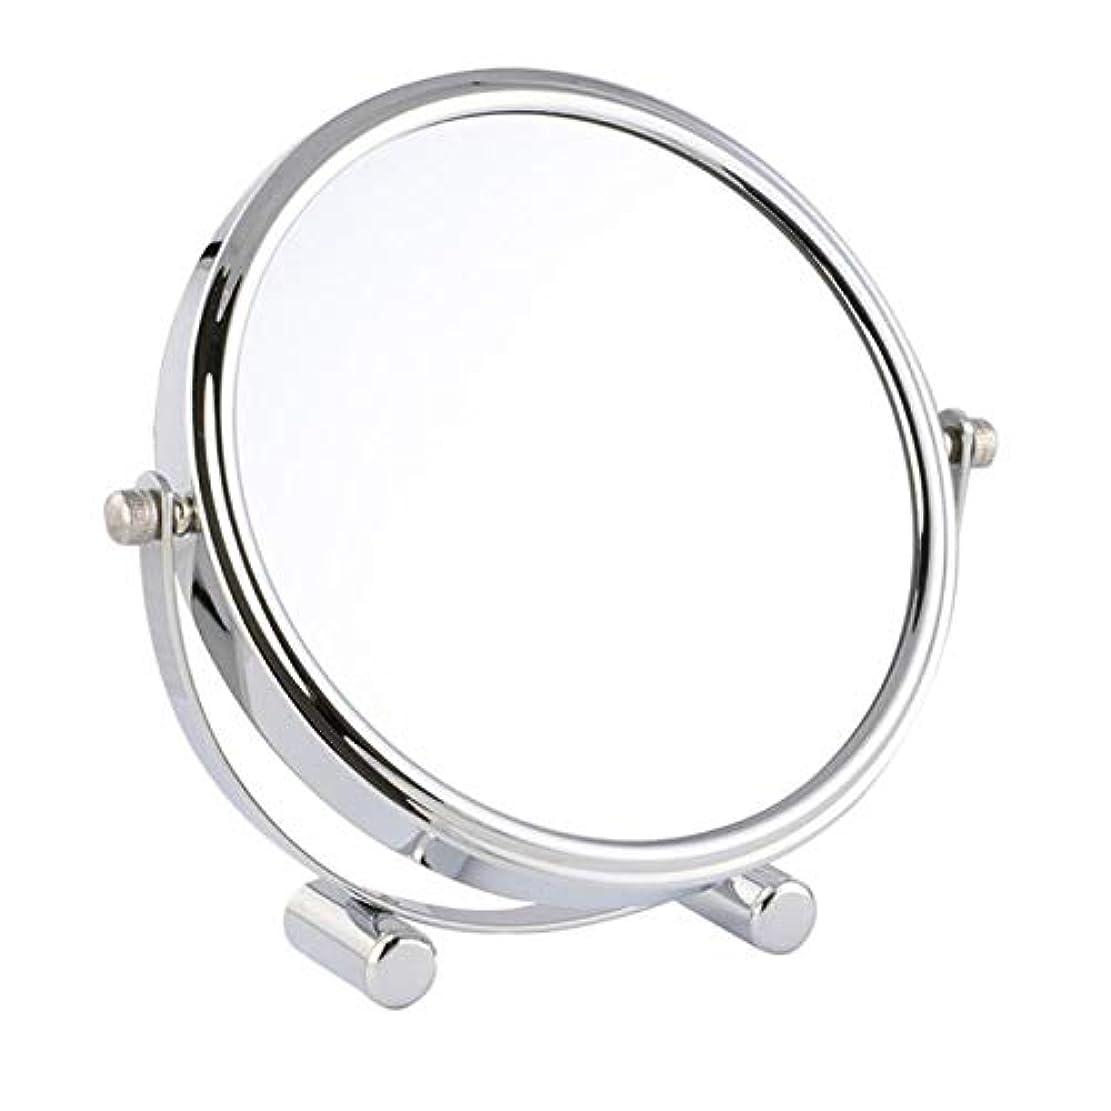 ほとんどない師匠エスカレート化粧鏡 女優ミラー けメイクミラー スタンドミラー 卓上鏡 化粧道具 両面鏡 片面2倍 拡大鏡 360度回転 鏡面直径17cm